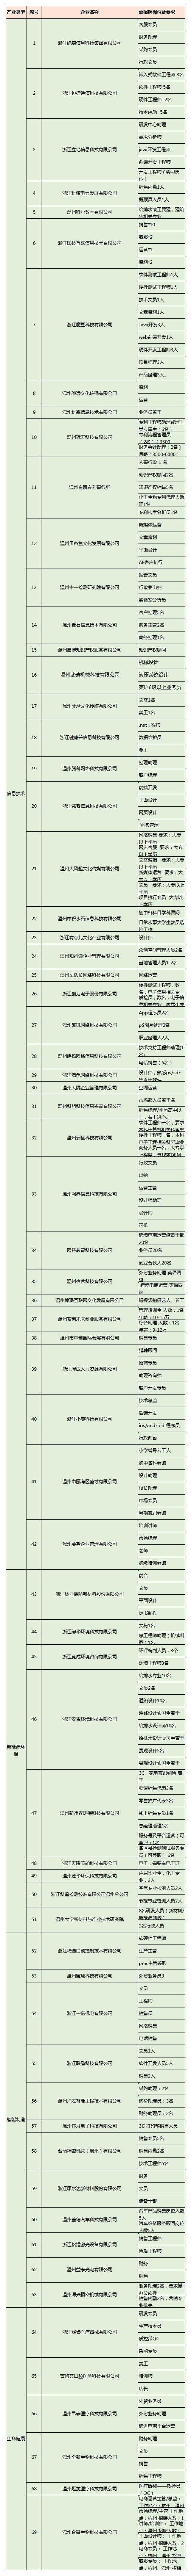 5月29日温州高校浙南科技城专场招聘会企业名单.jpg